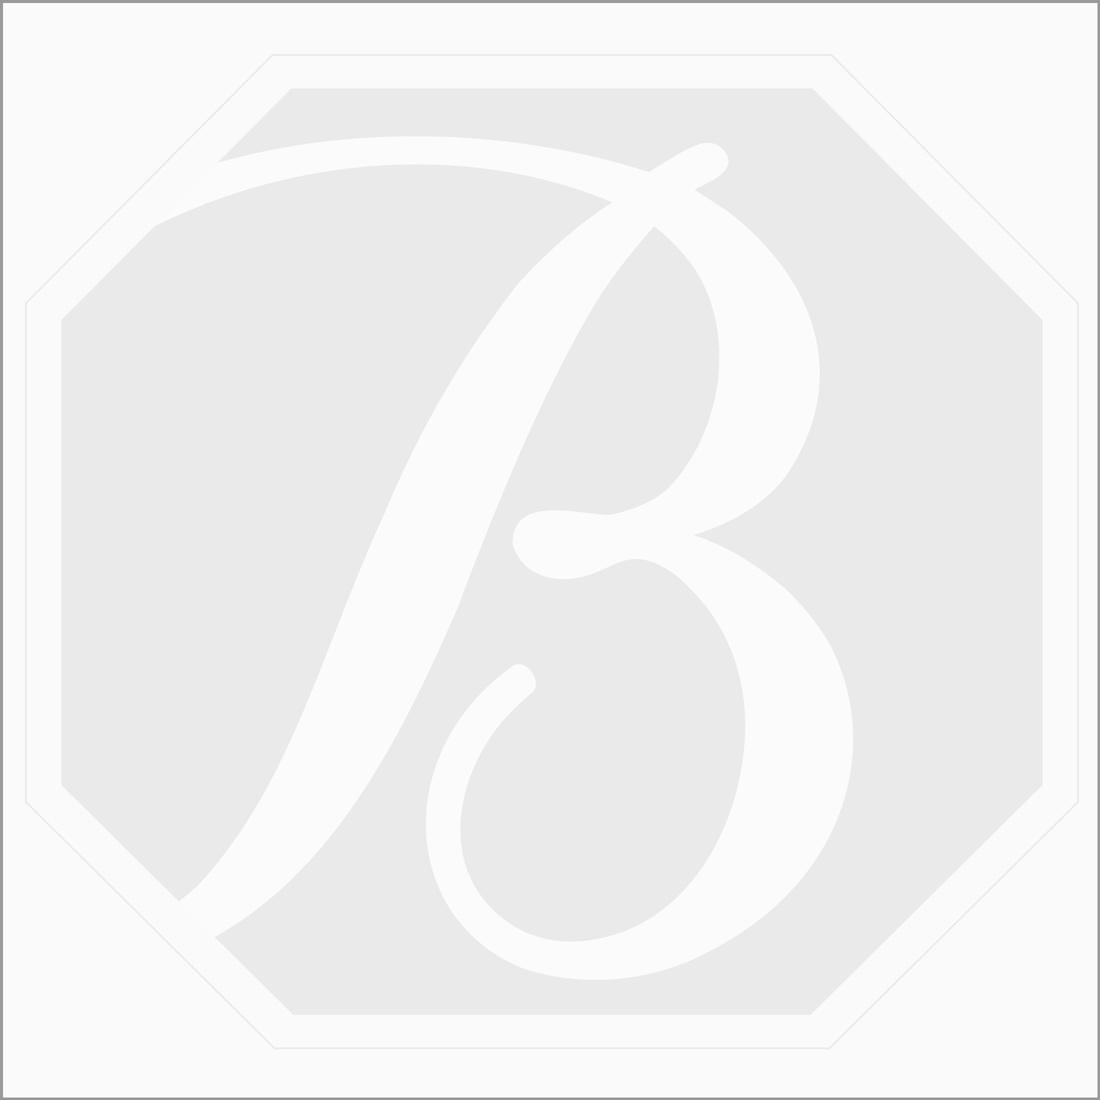 2 Pcs - 10.43 ct. - Green Tourmaline Rose Cut -18.7 x 10.3 x 3.2 mm to 18.8 x 10.6 x 2.9 mm (TRC1074)